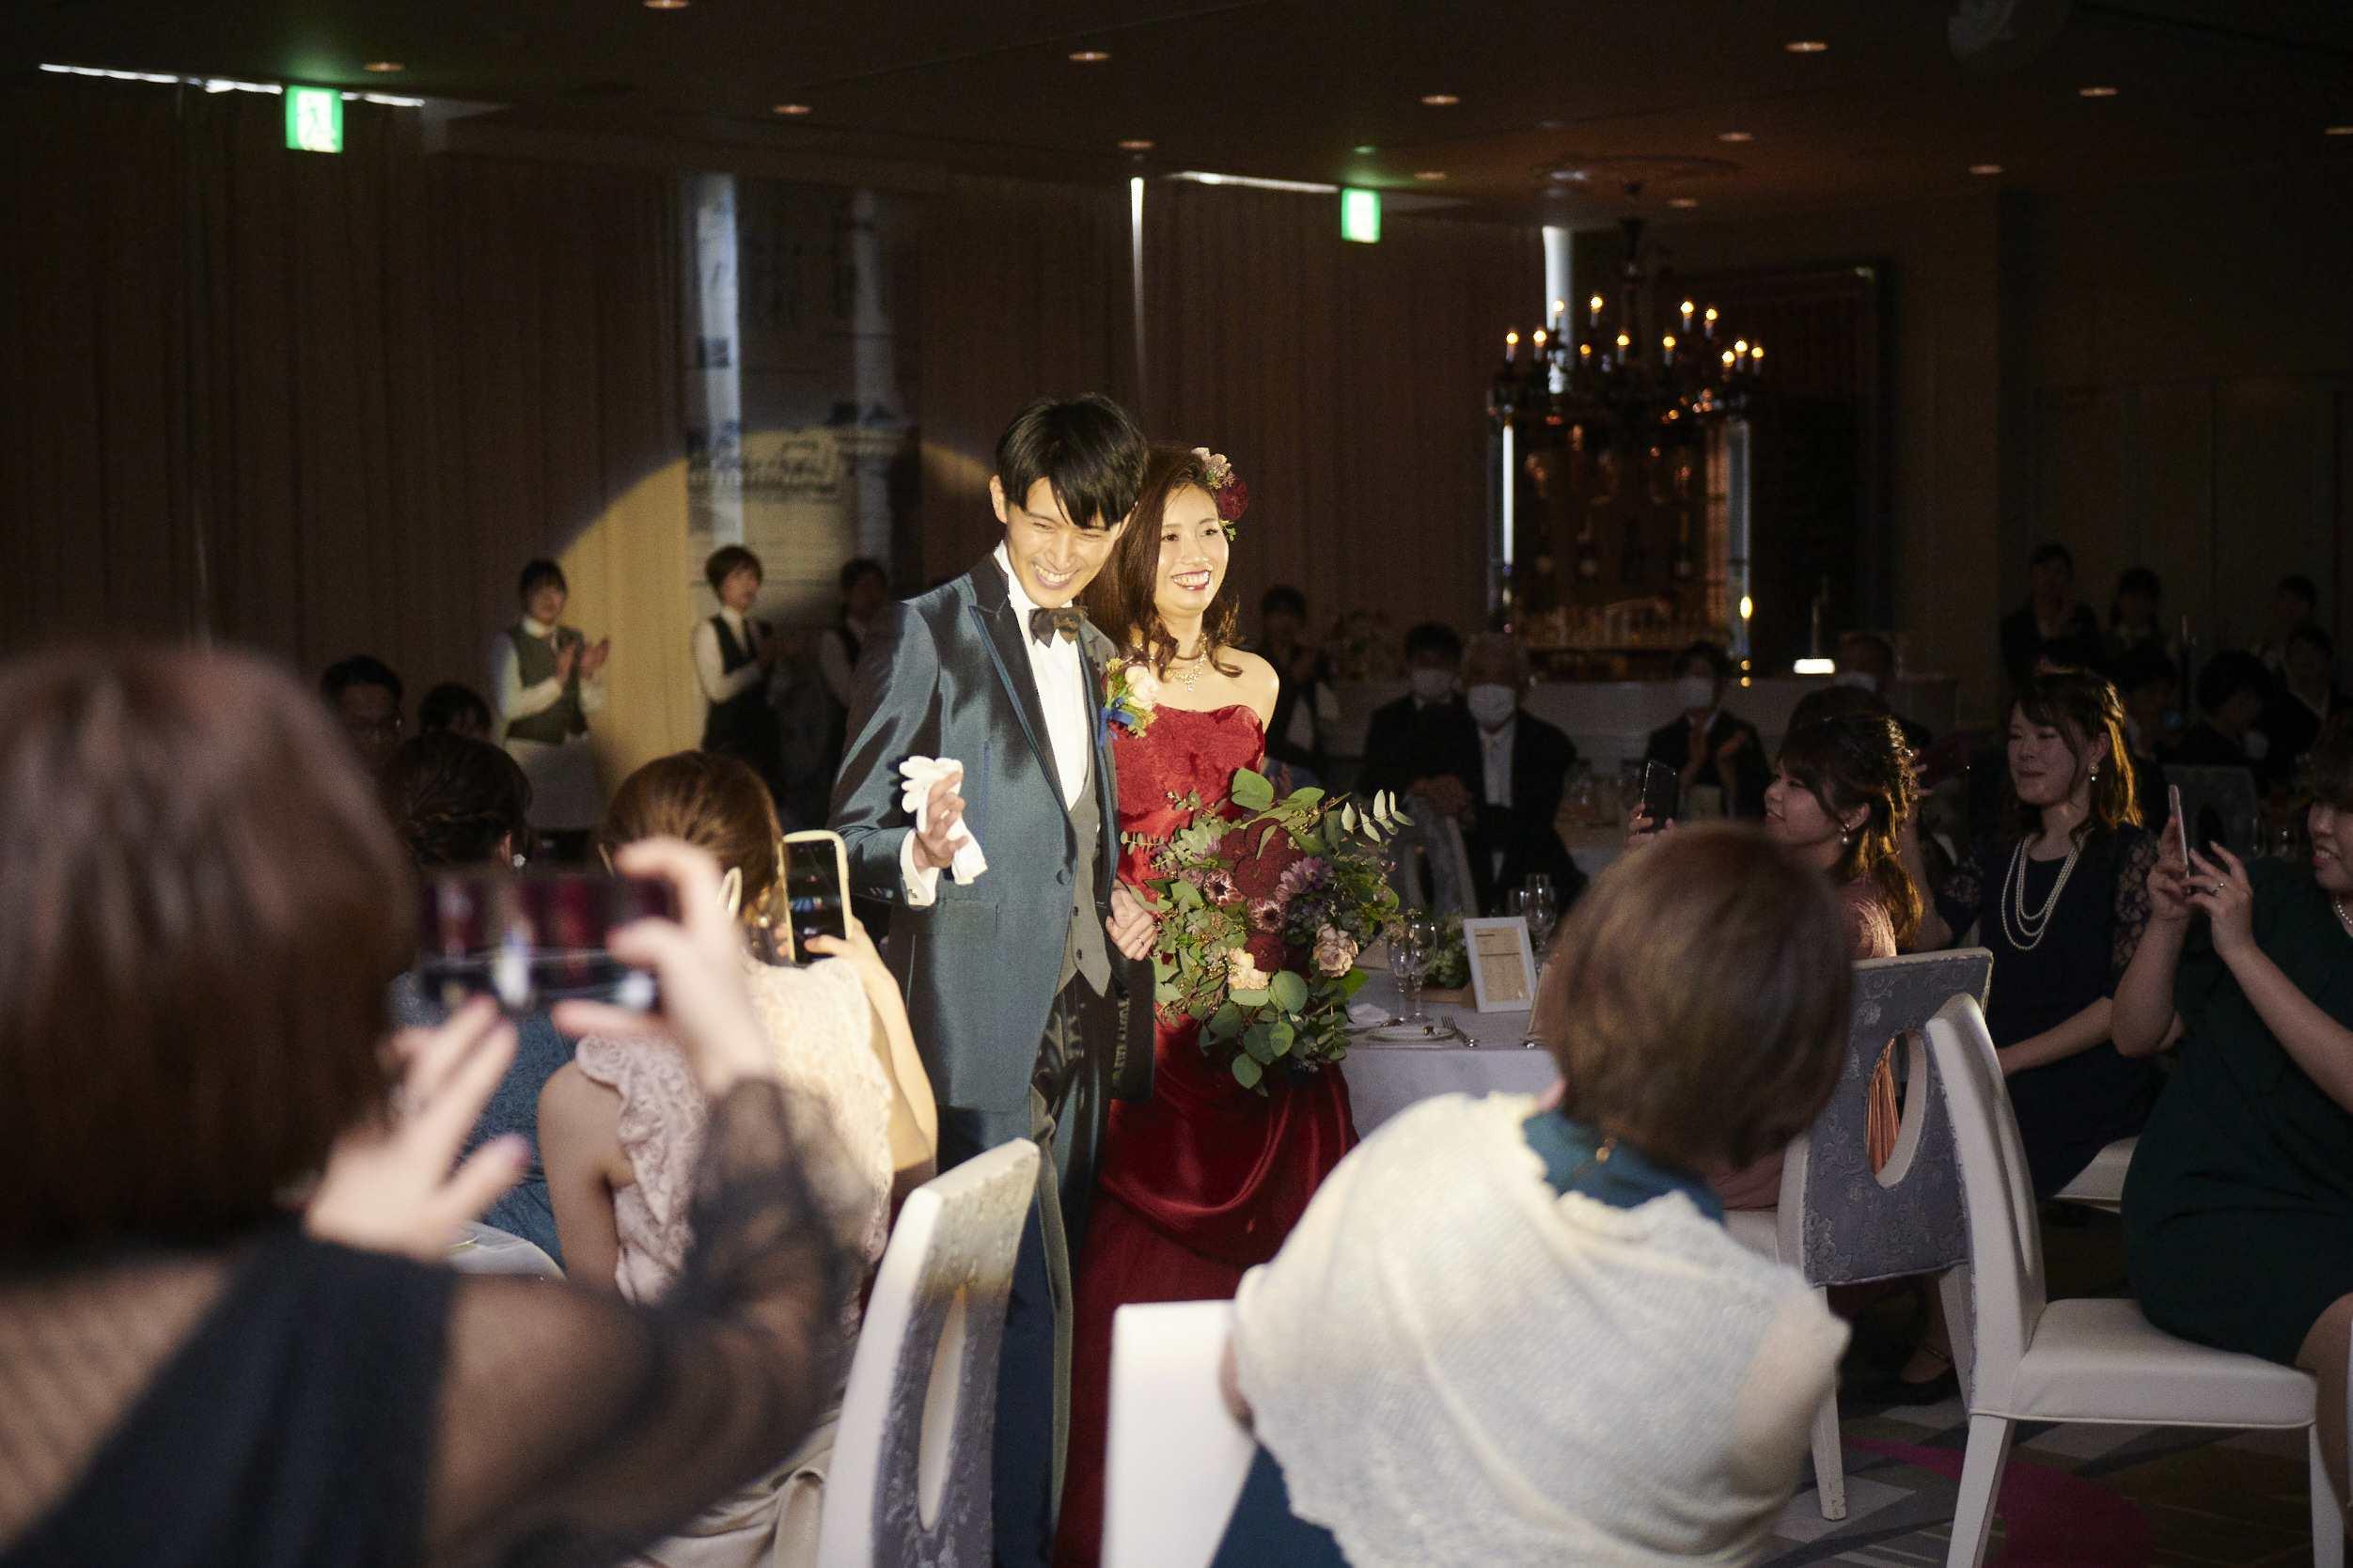 徳島市の結婚式場ブランアンジュで新郎新婦様の入場に盛り上がる会場